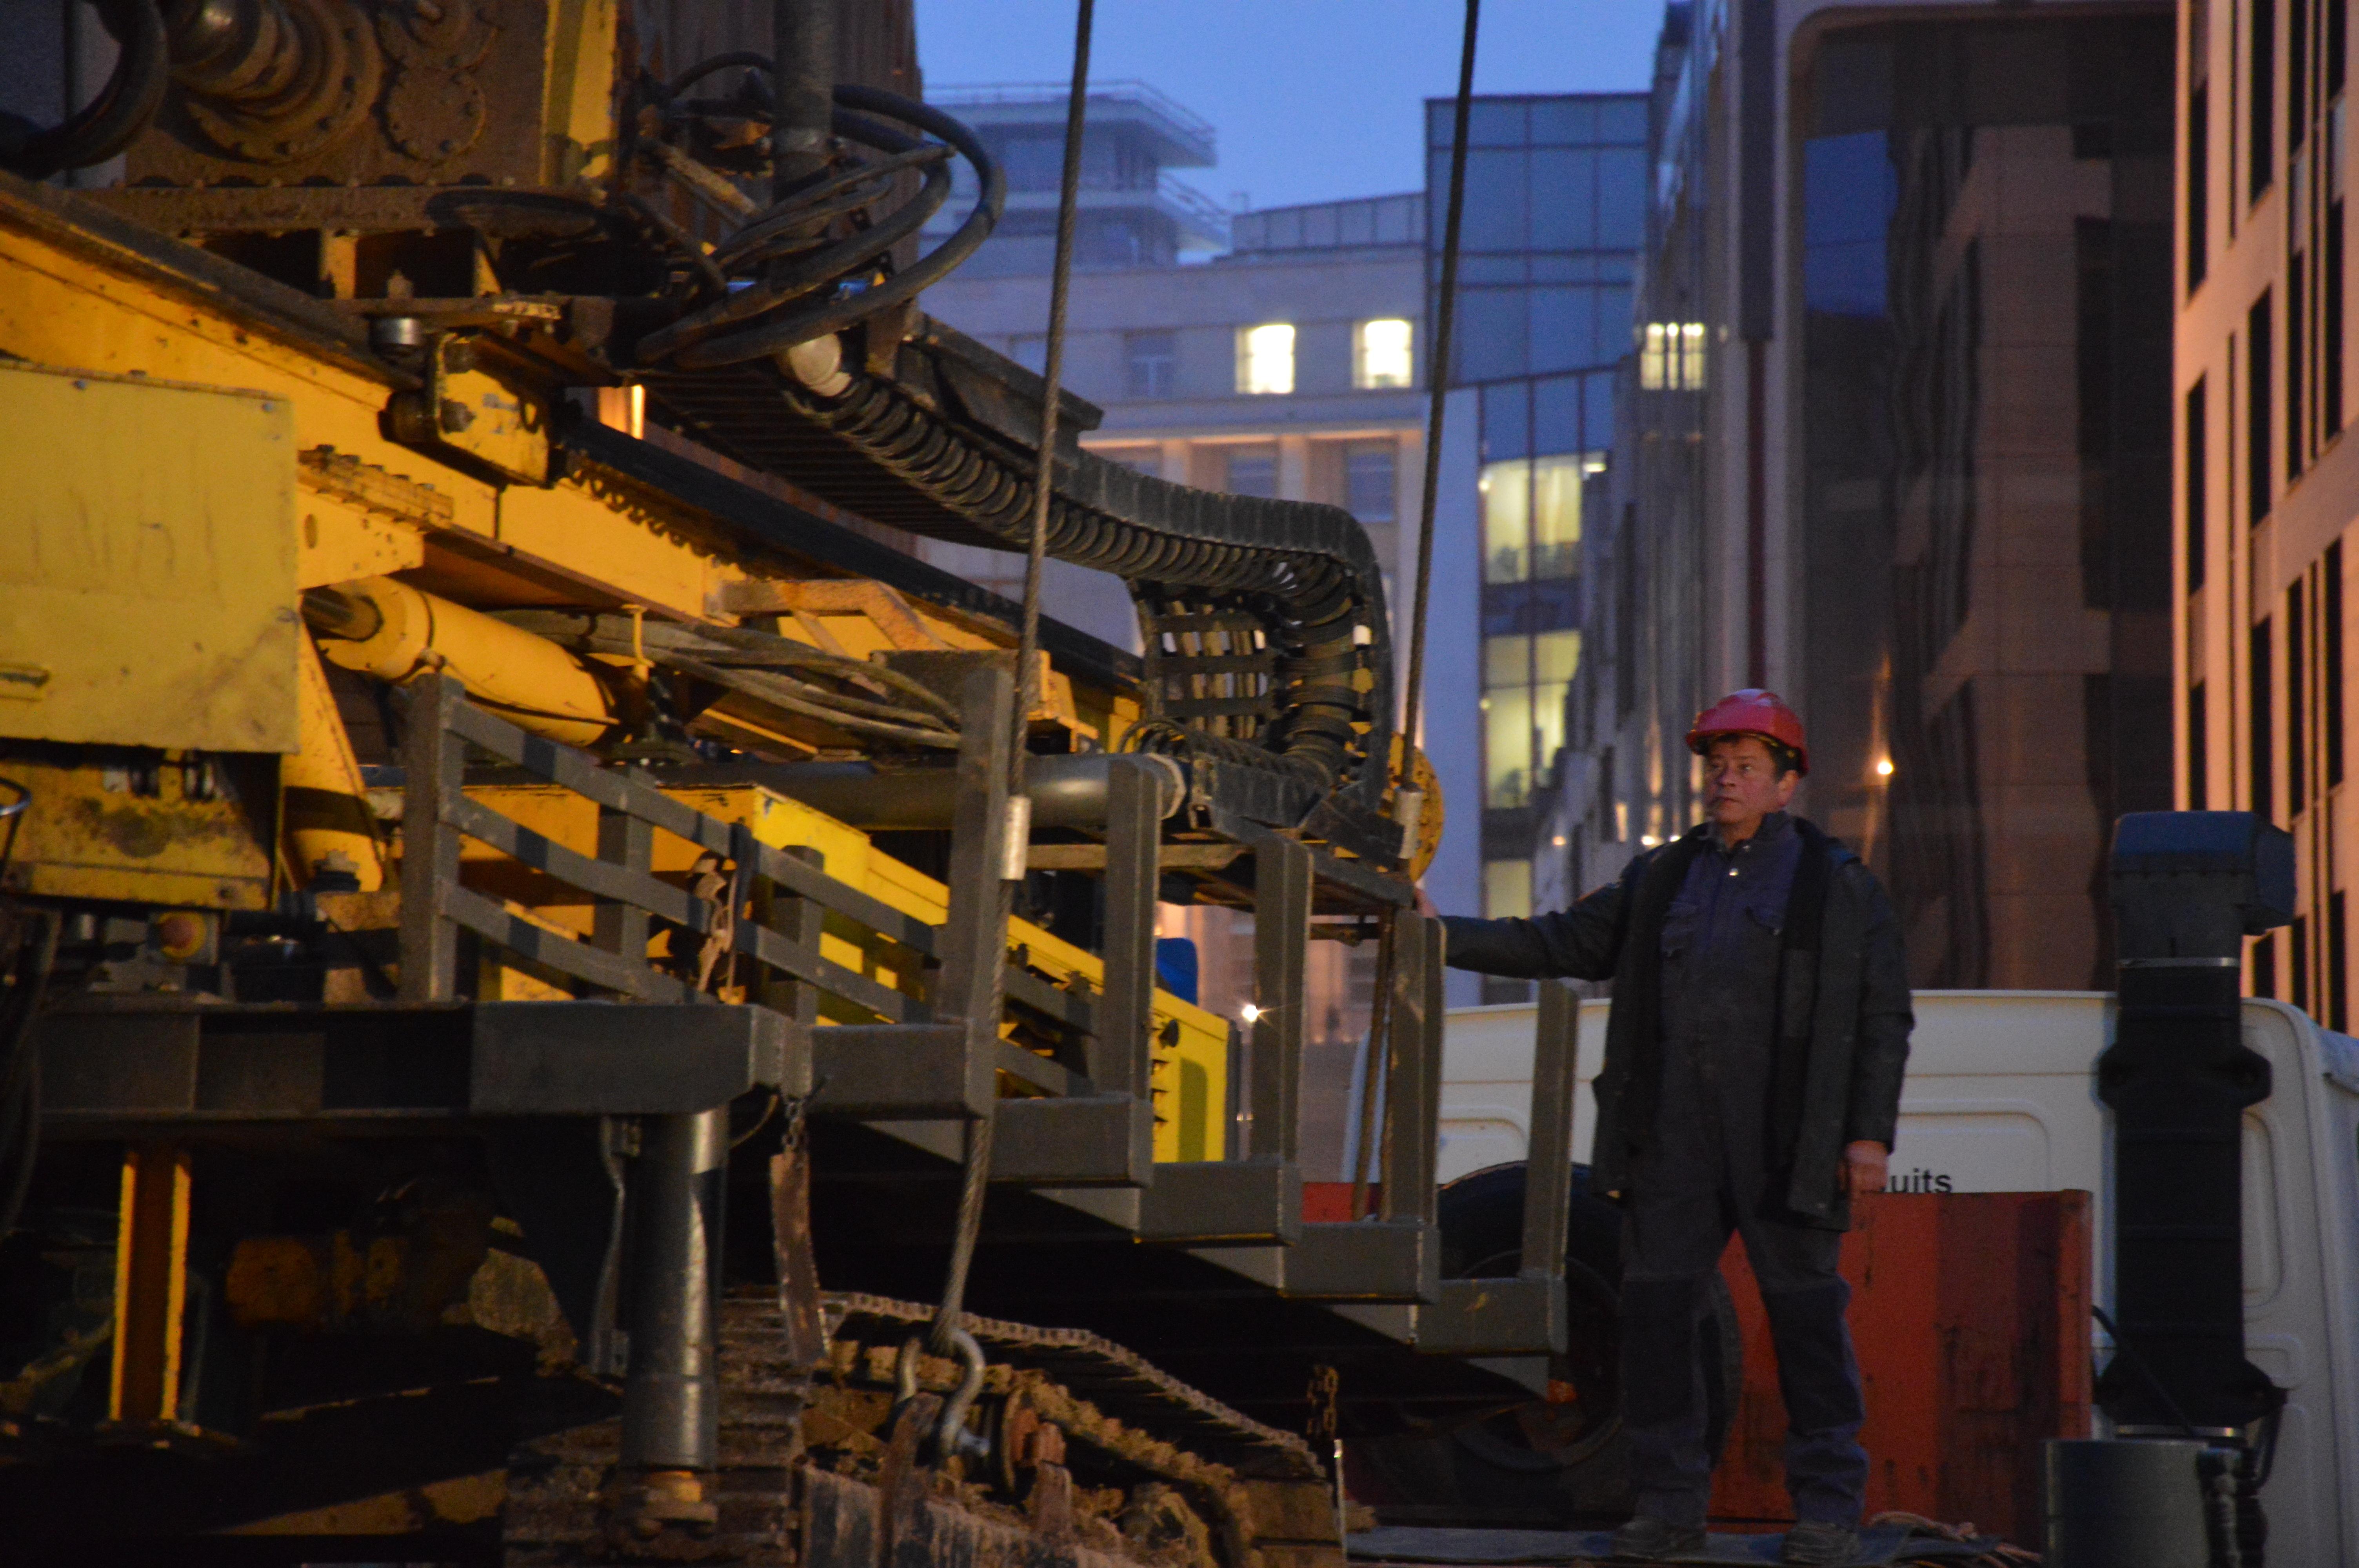 chantier-bruxelles-centre-forage-installation-pompe-puits-geothermie-eurodrill-liege-belgique-25